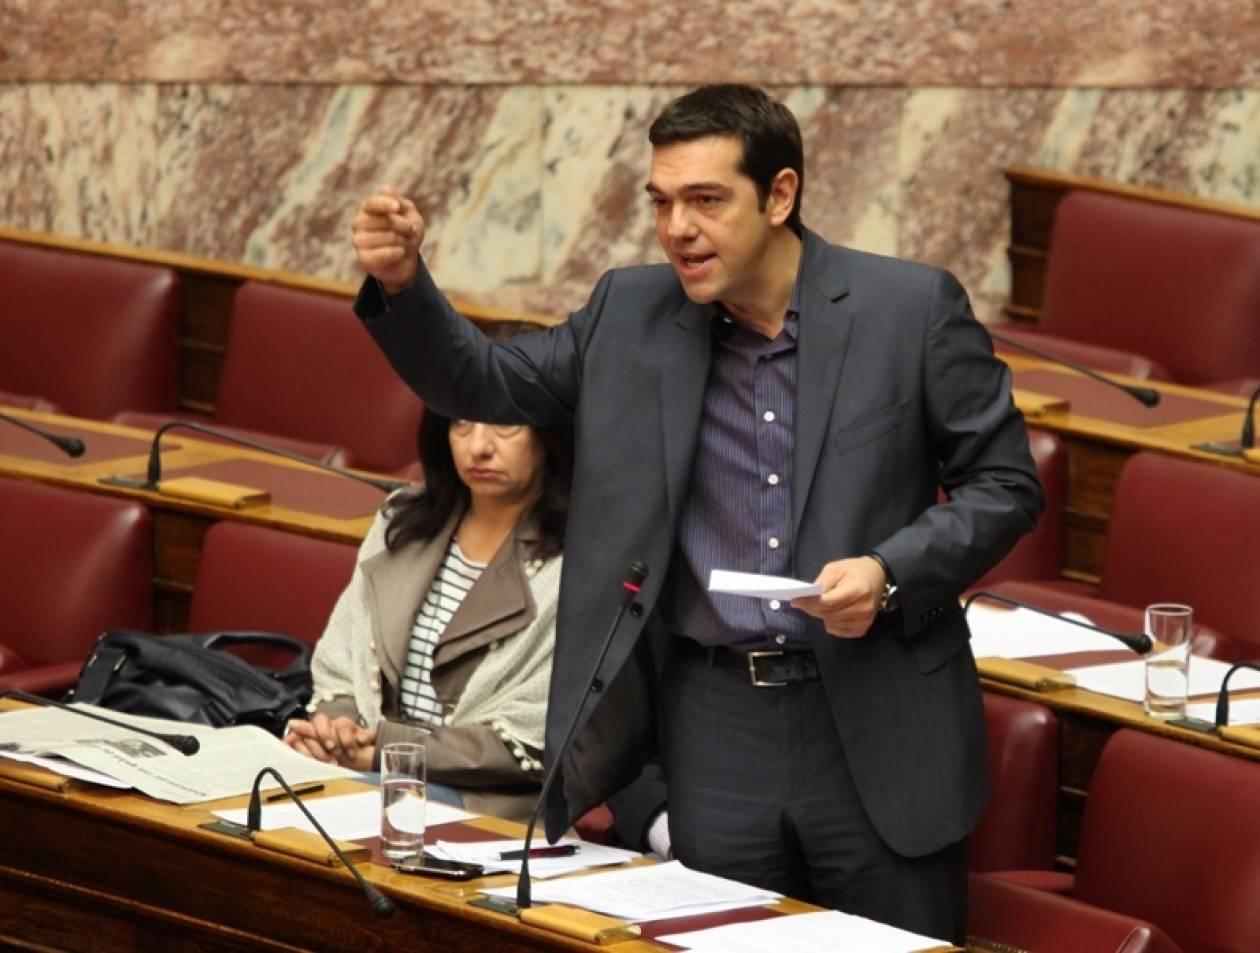 Συζήτηση στη Βουλή για τις εξελίξεις ζητά ο Τσίπρας